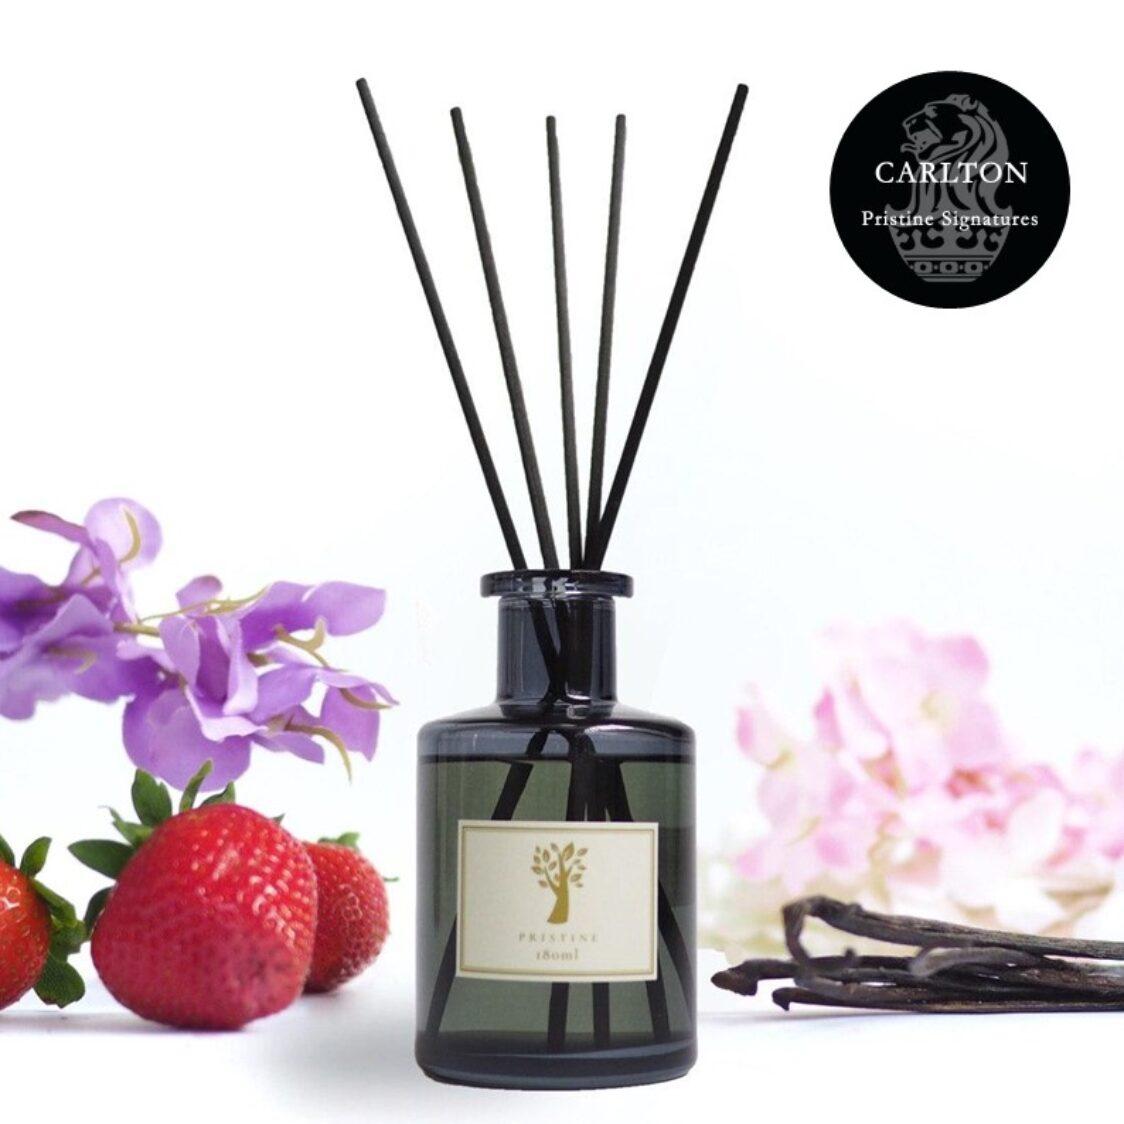 Pristine Aroma Carlton Signature Scent Reed Diffuser 180ml